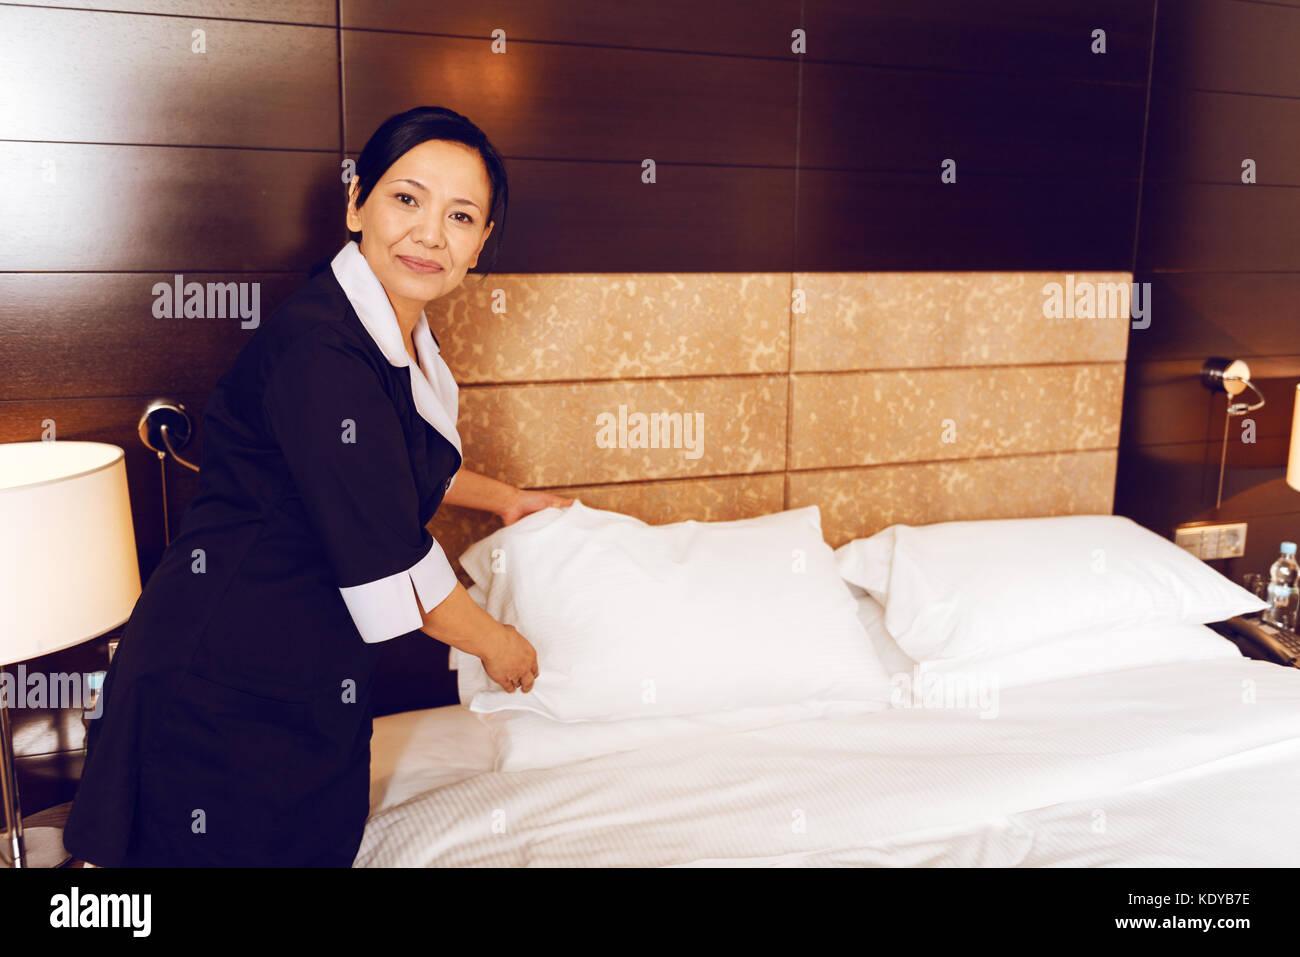 Les employés de l'hôtel être au travail Photo Stock